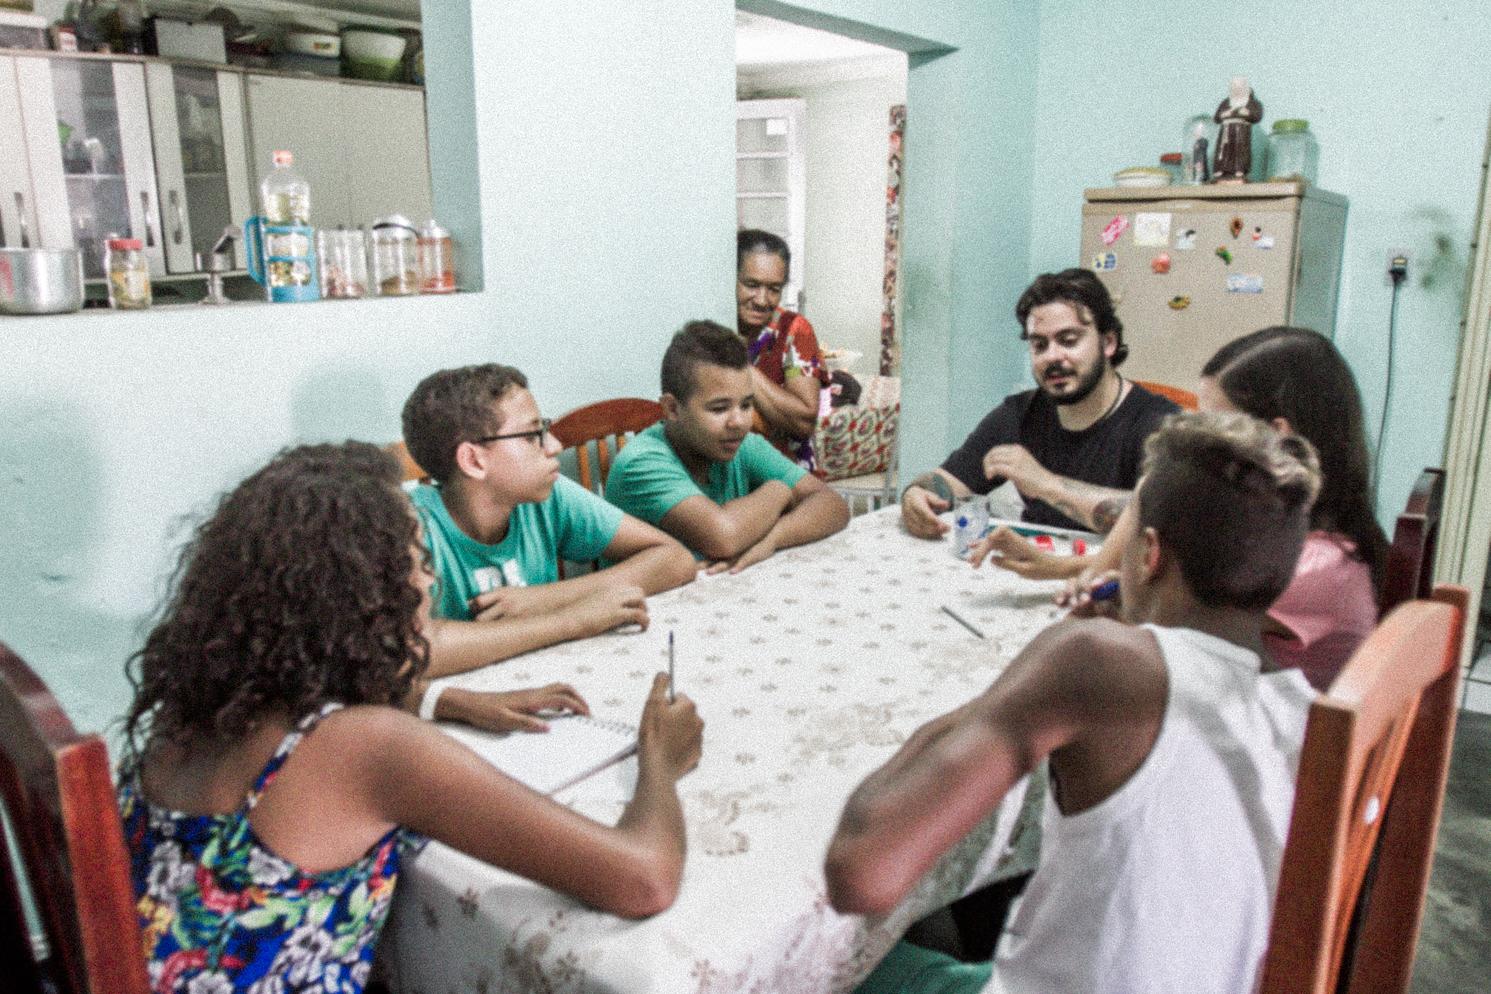 Cinéastes Locaux En Formation - Postulez pour être sélectionné parmi les 10 étudiants que nous formerons afin de réaliser un mini-documentaire sur Chefchaouen qui sera vu à travers vos propres yeux.